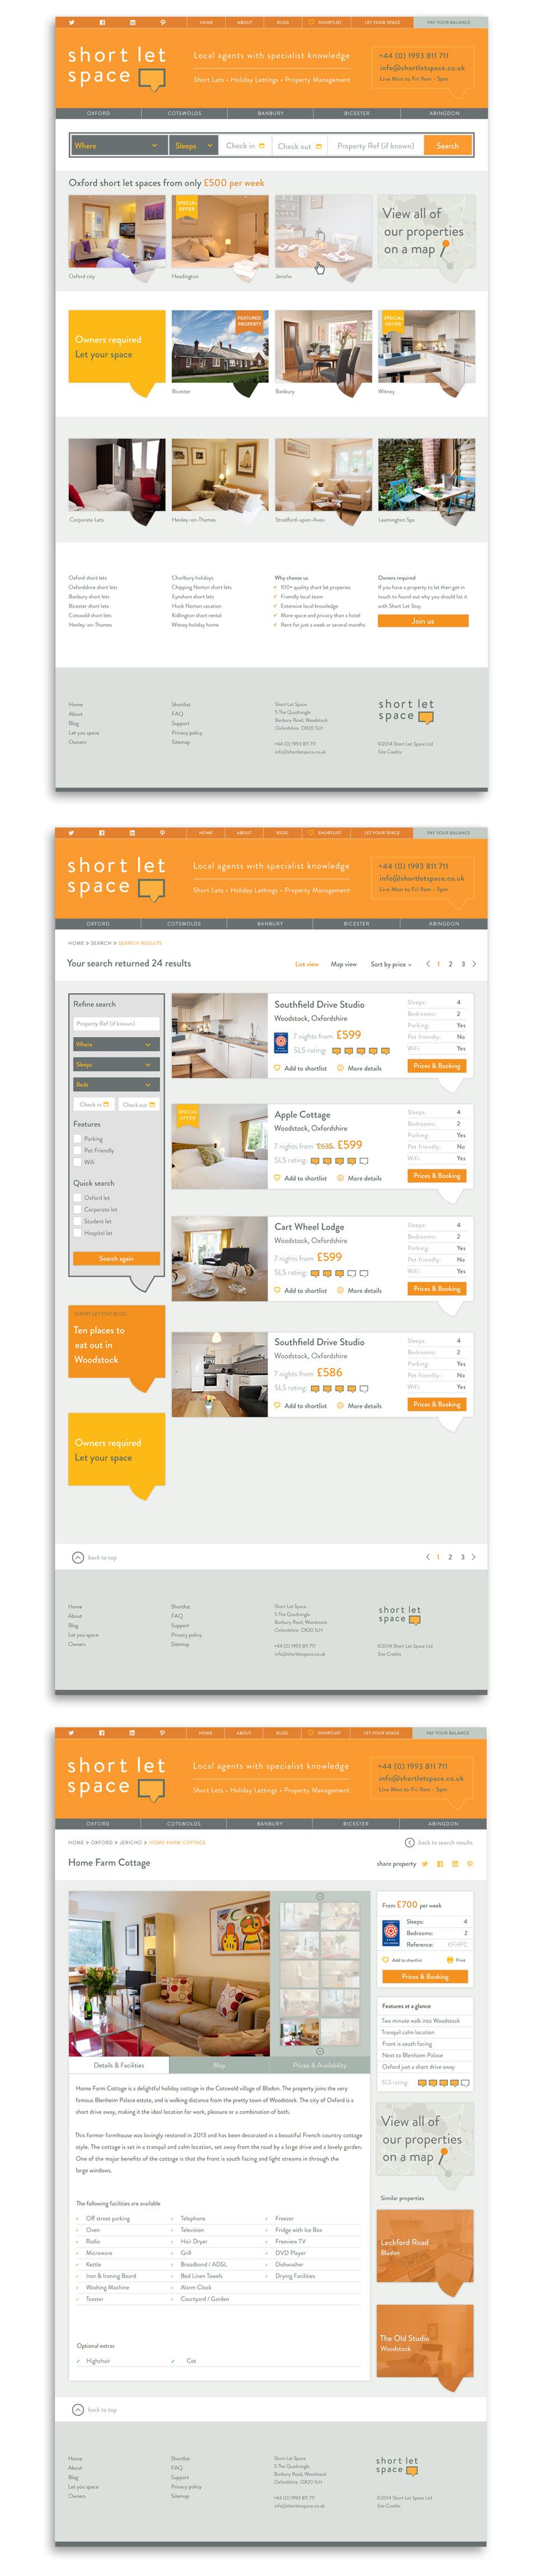 sls-website